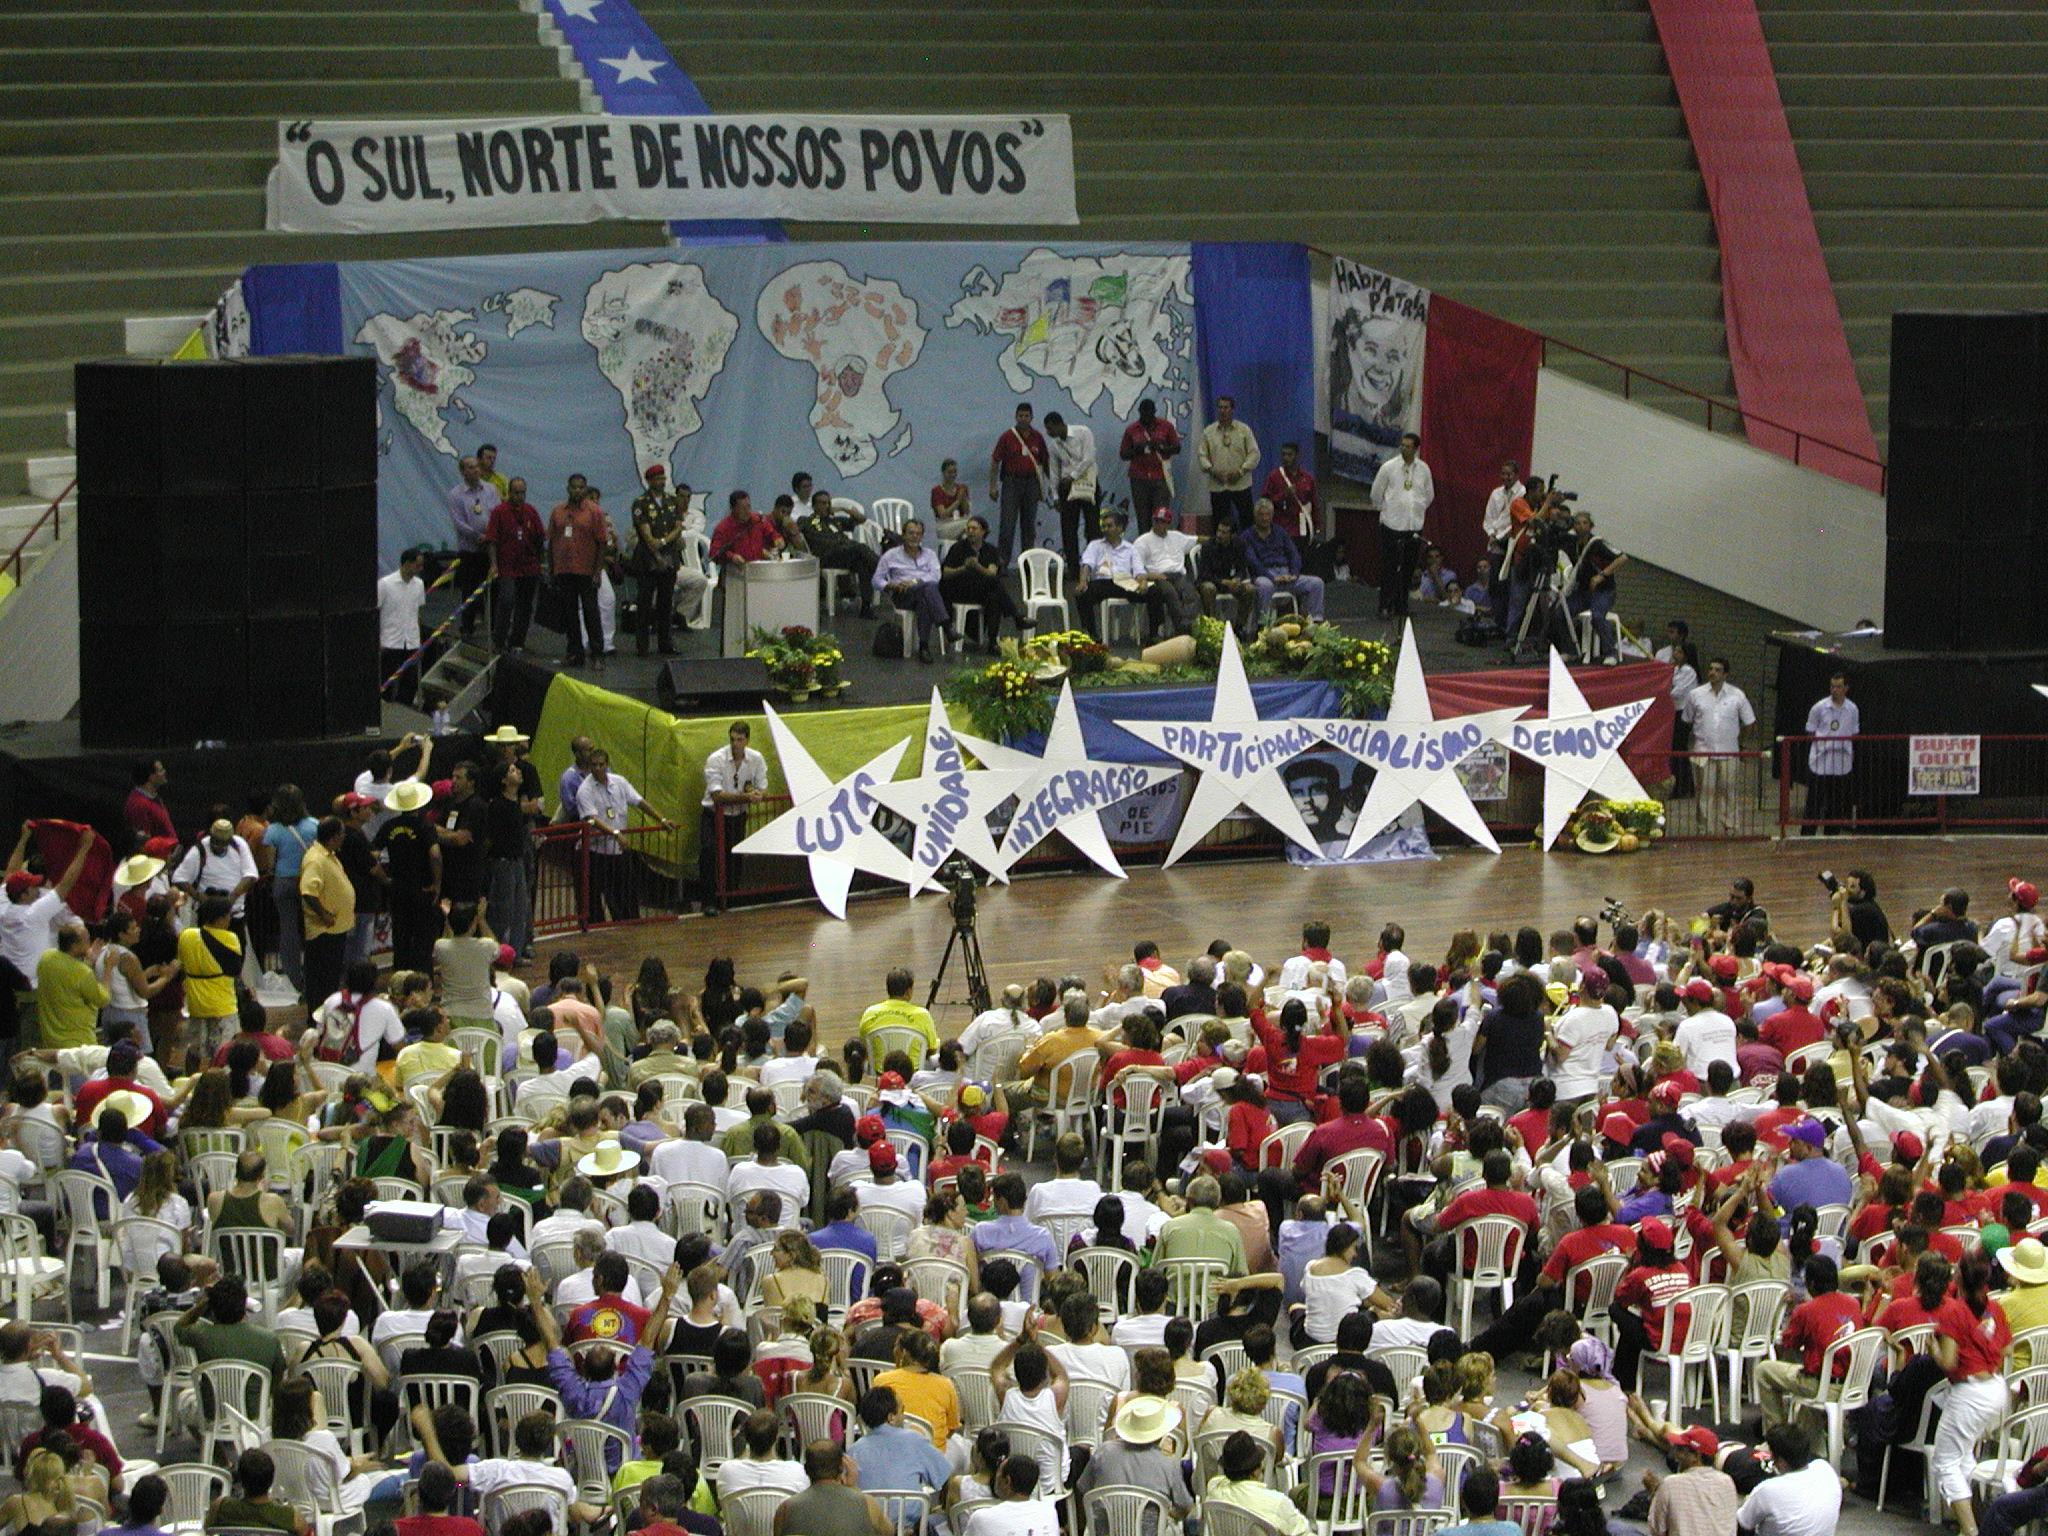 Chávez y la declaración del «socialismo» en el FSM de Porto Alegre, 2005 |  Question Digital